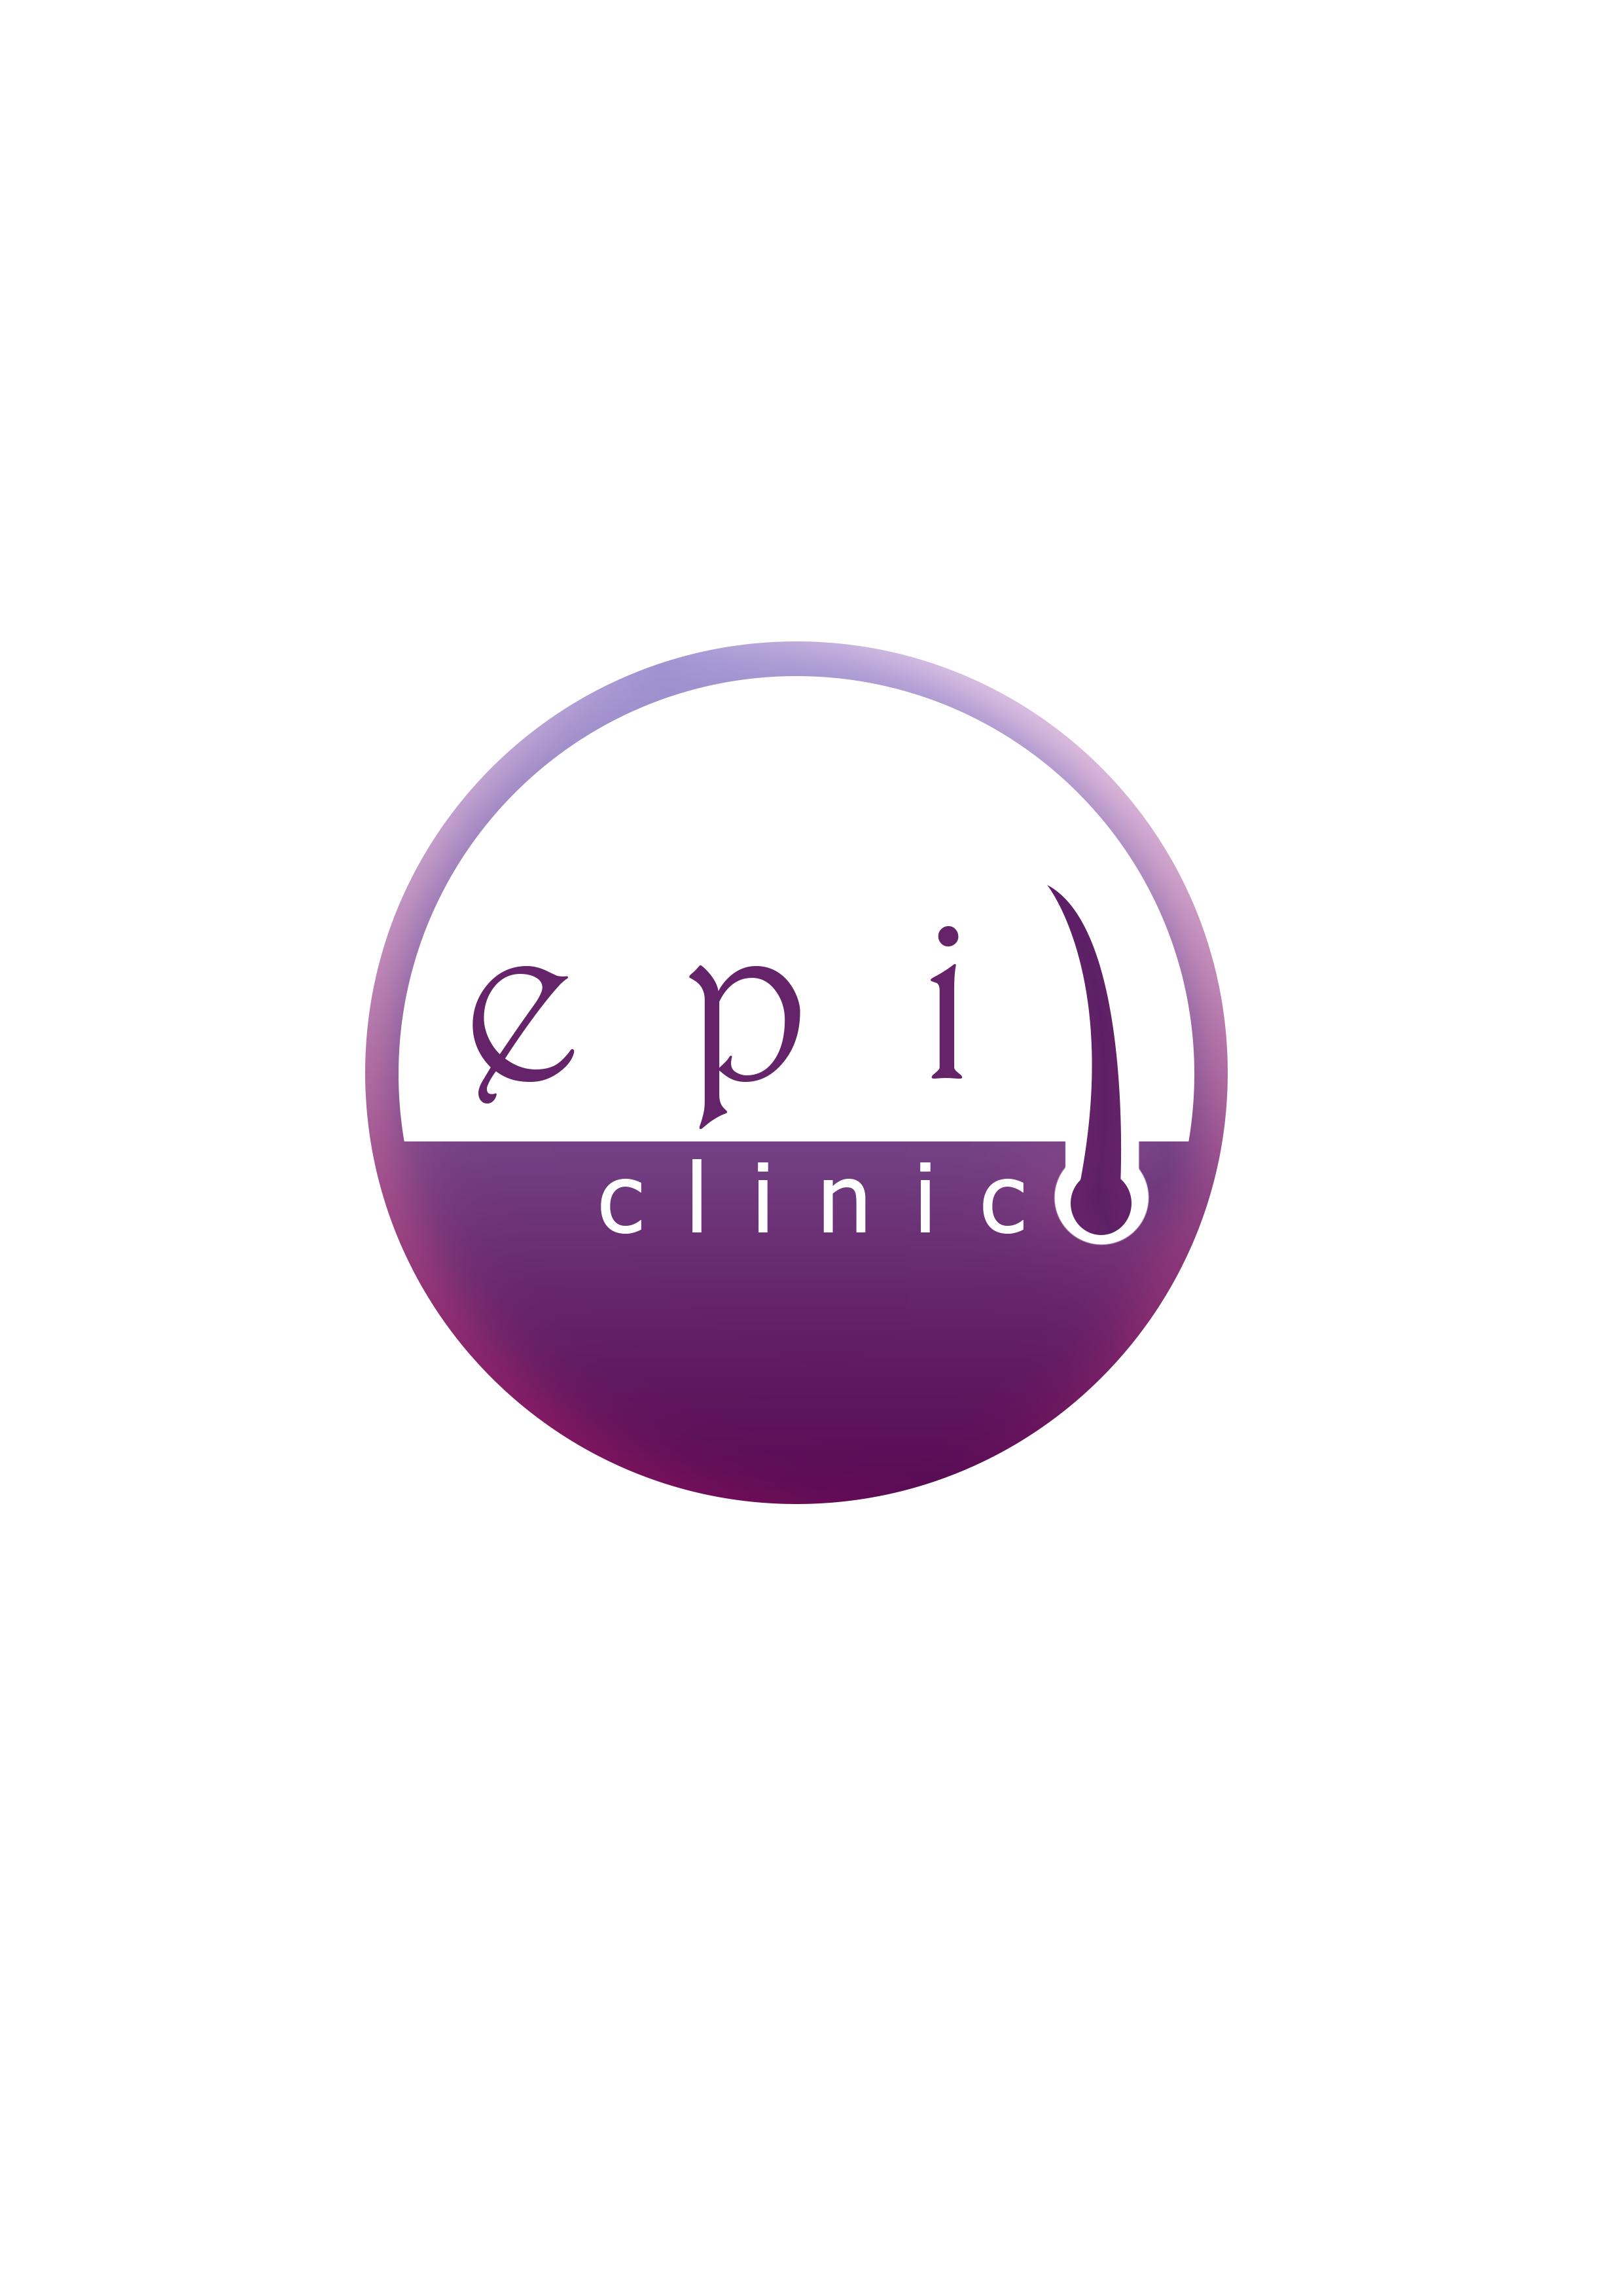 Логотип , фирменный стиль  фото f_2755e1a43f8b004c.png